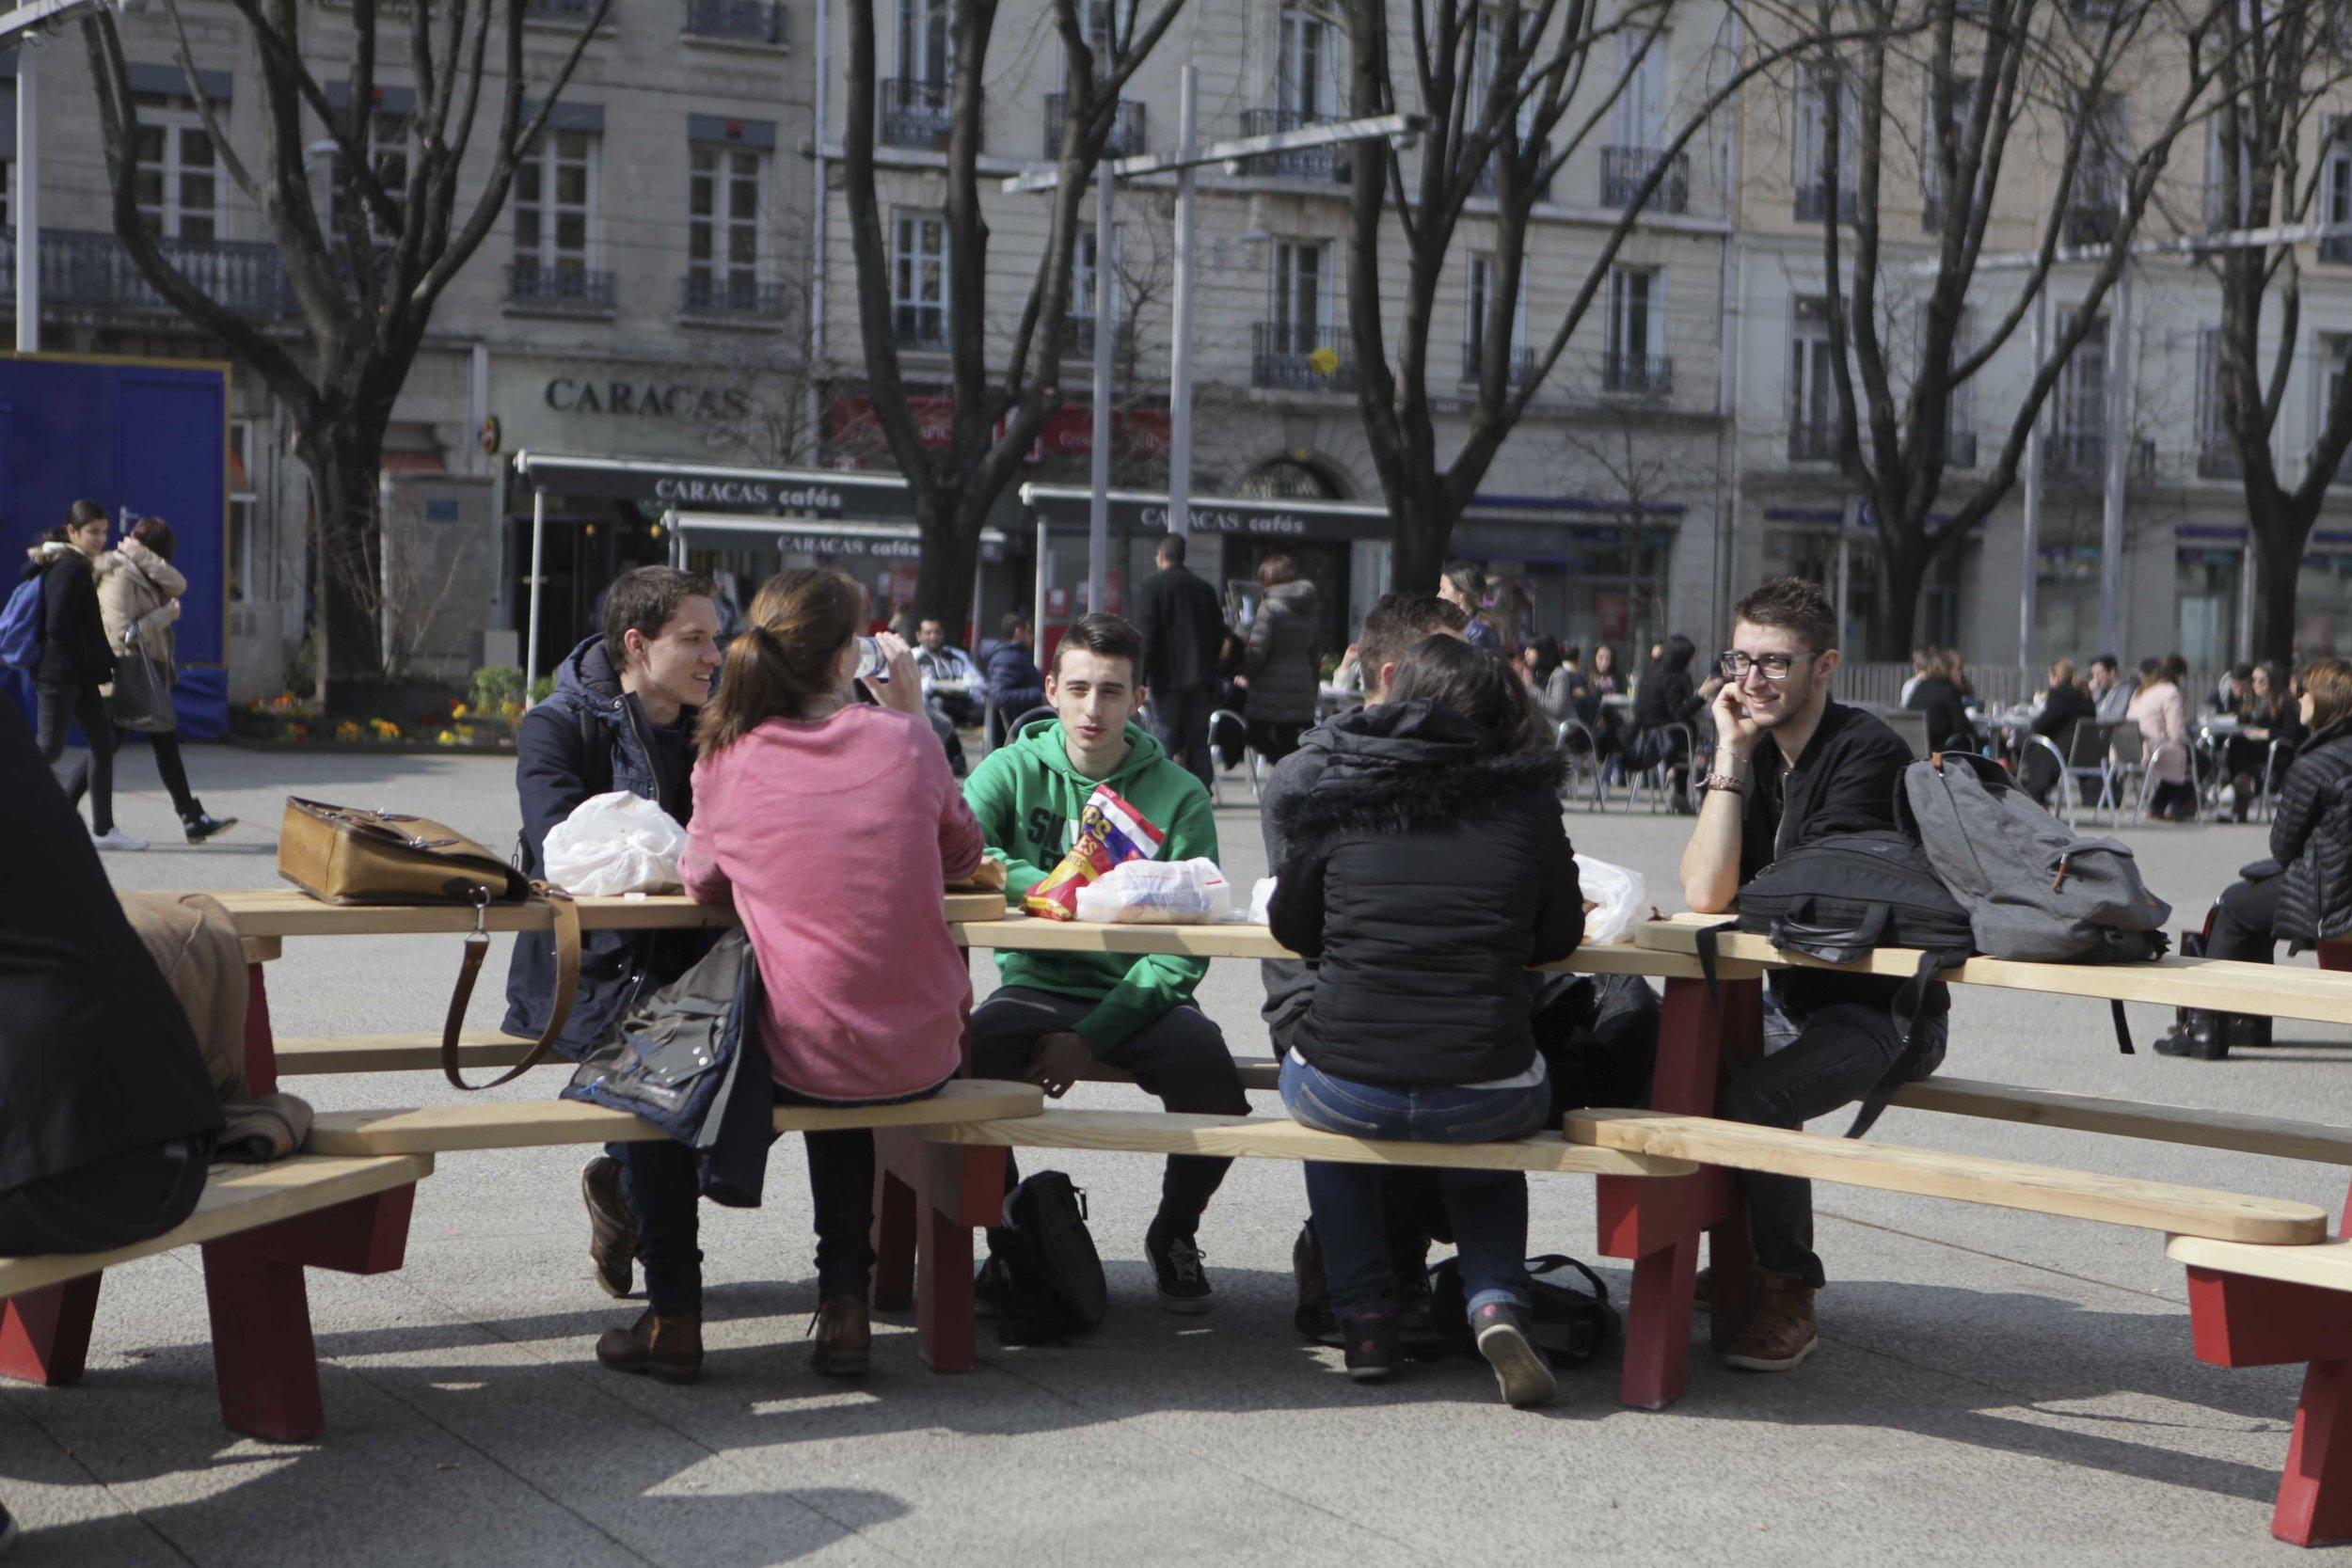 Pour s'approprier collectivement l'espace public - Canteen est idéal pour préfigurer les usages d'un espace en mutation, favoriser l'appropriation par les habitants d'un lieu fraîchement livré ou rénové, faire revivre une place ou une esplanade désertée.